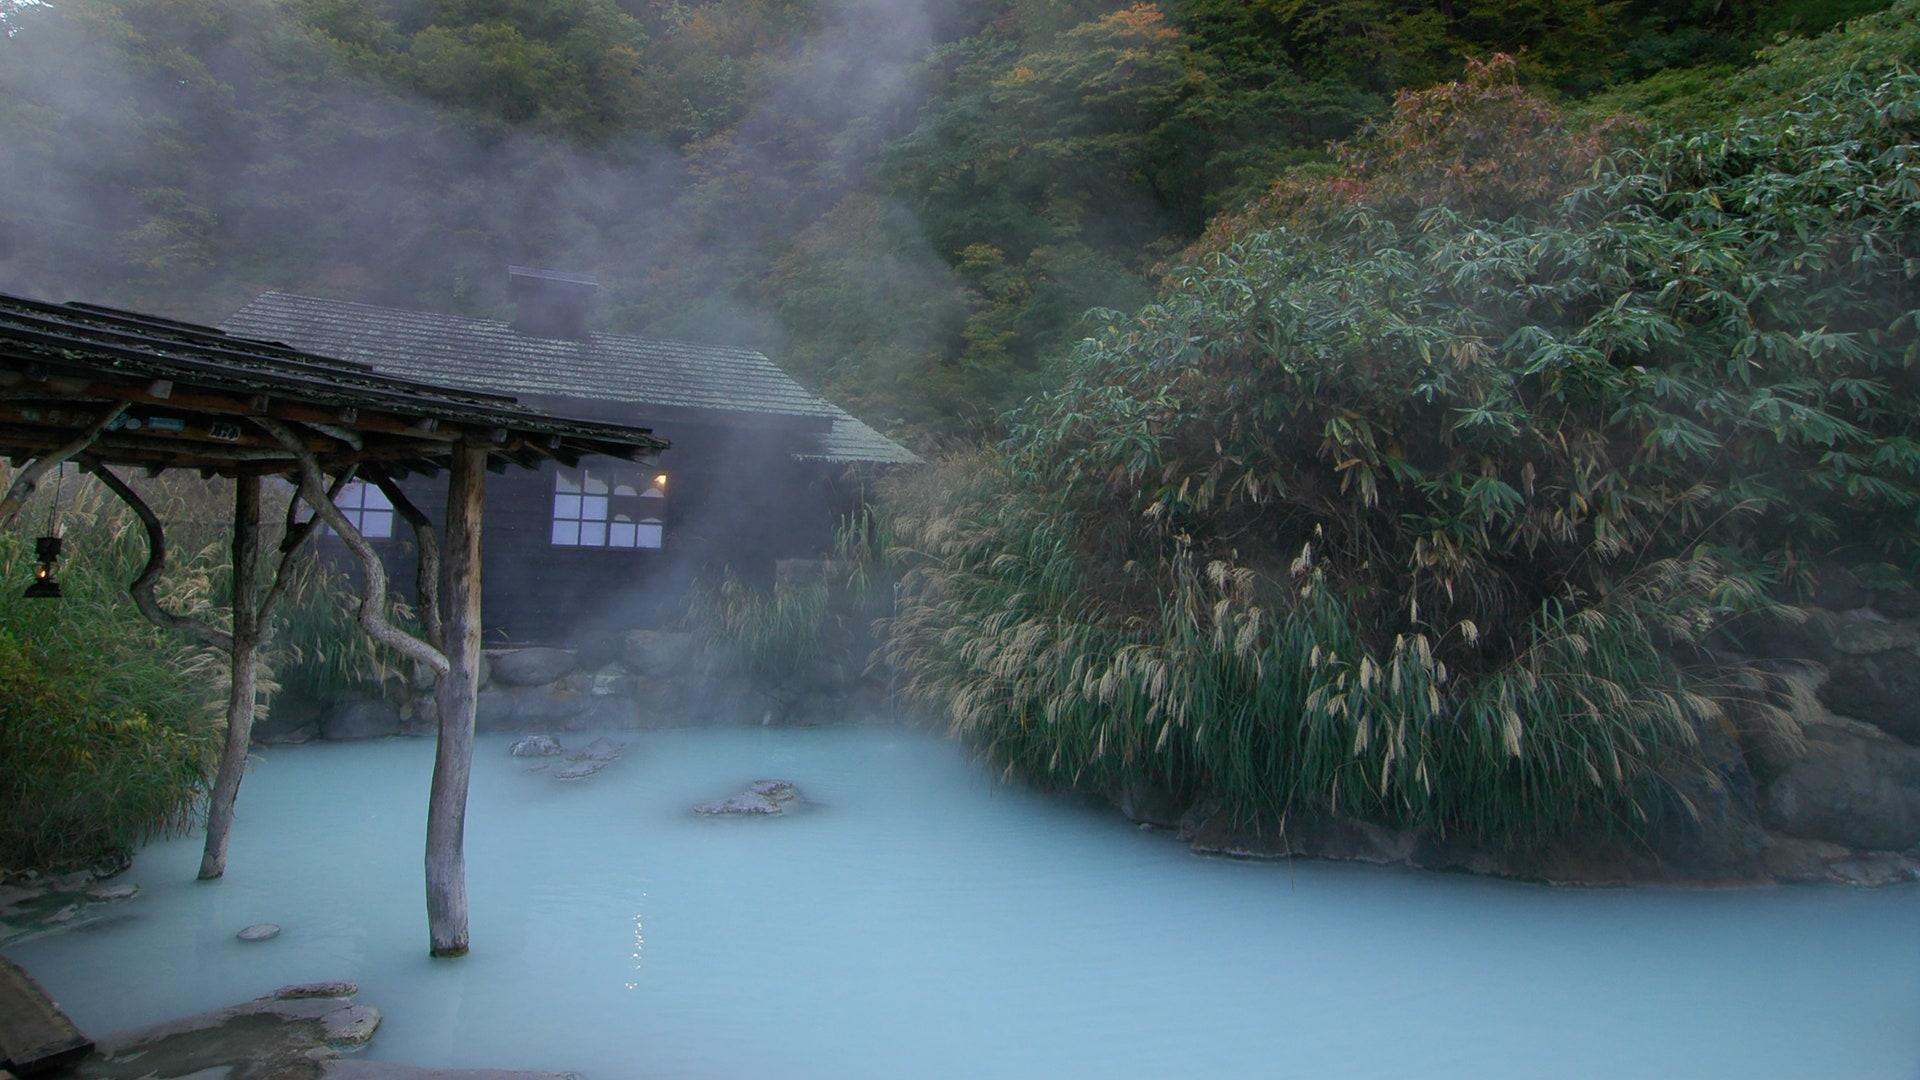 「絶景に出合うえ、自然を感じられる温泉が大好き」──横山エリカさん(モデル ラジオパーソナリティ) | GQ Japan